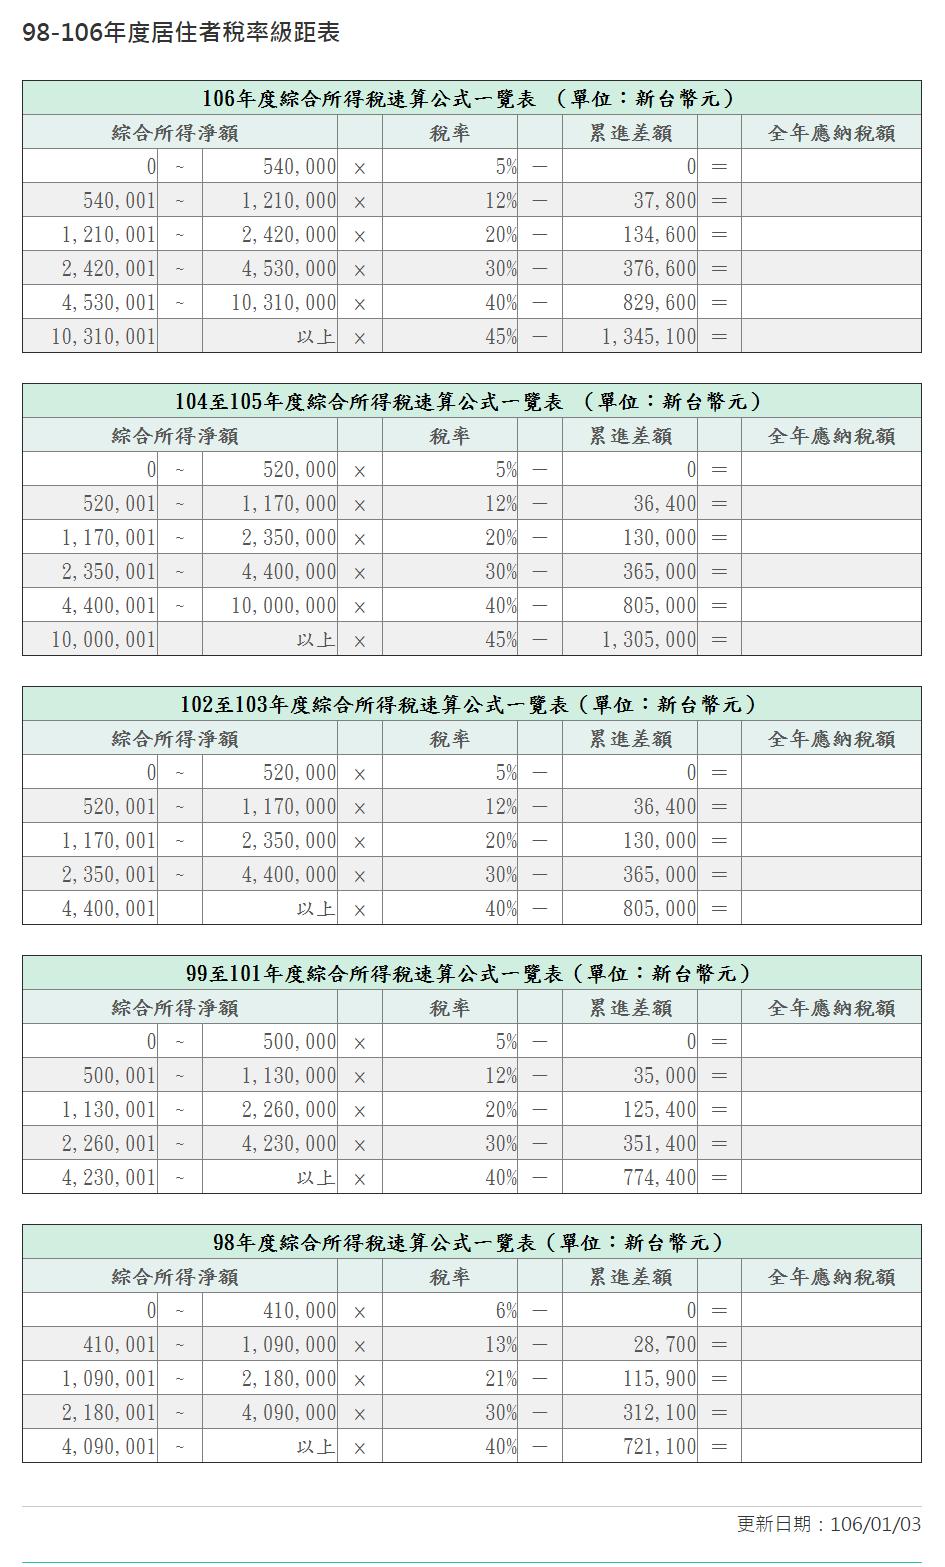 2017綜合所得稅稅率級距表/免稅額/扣除額計算教學! @ 符碼記憶